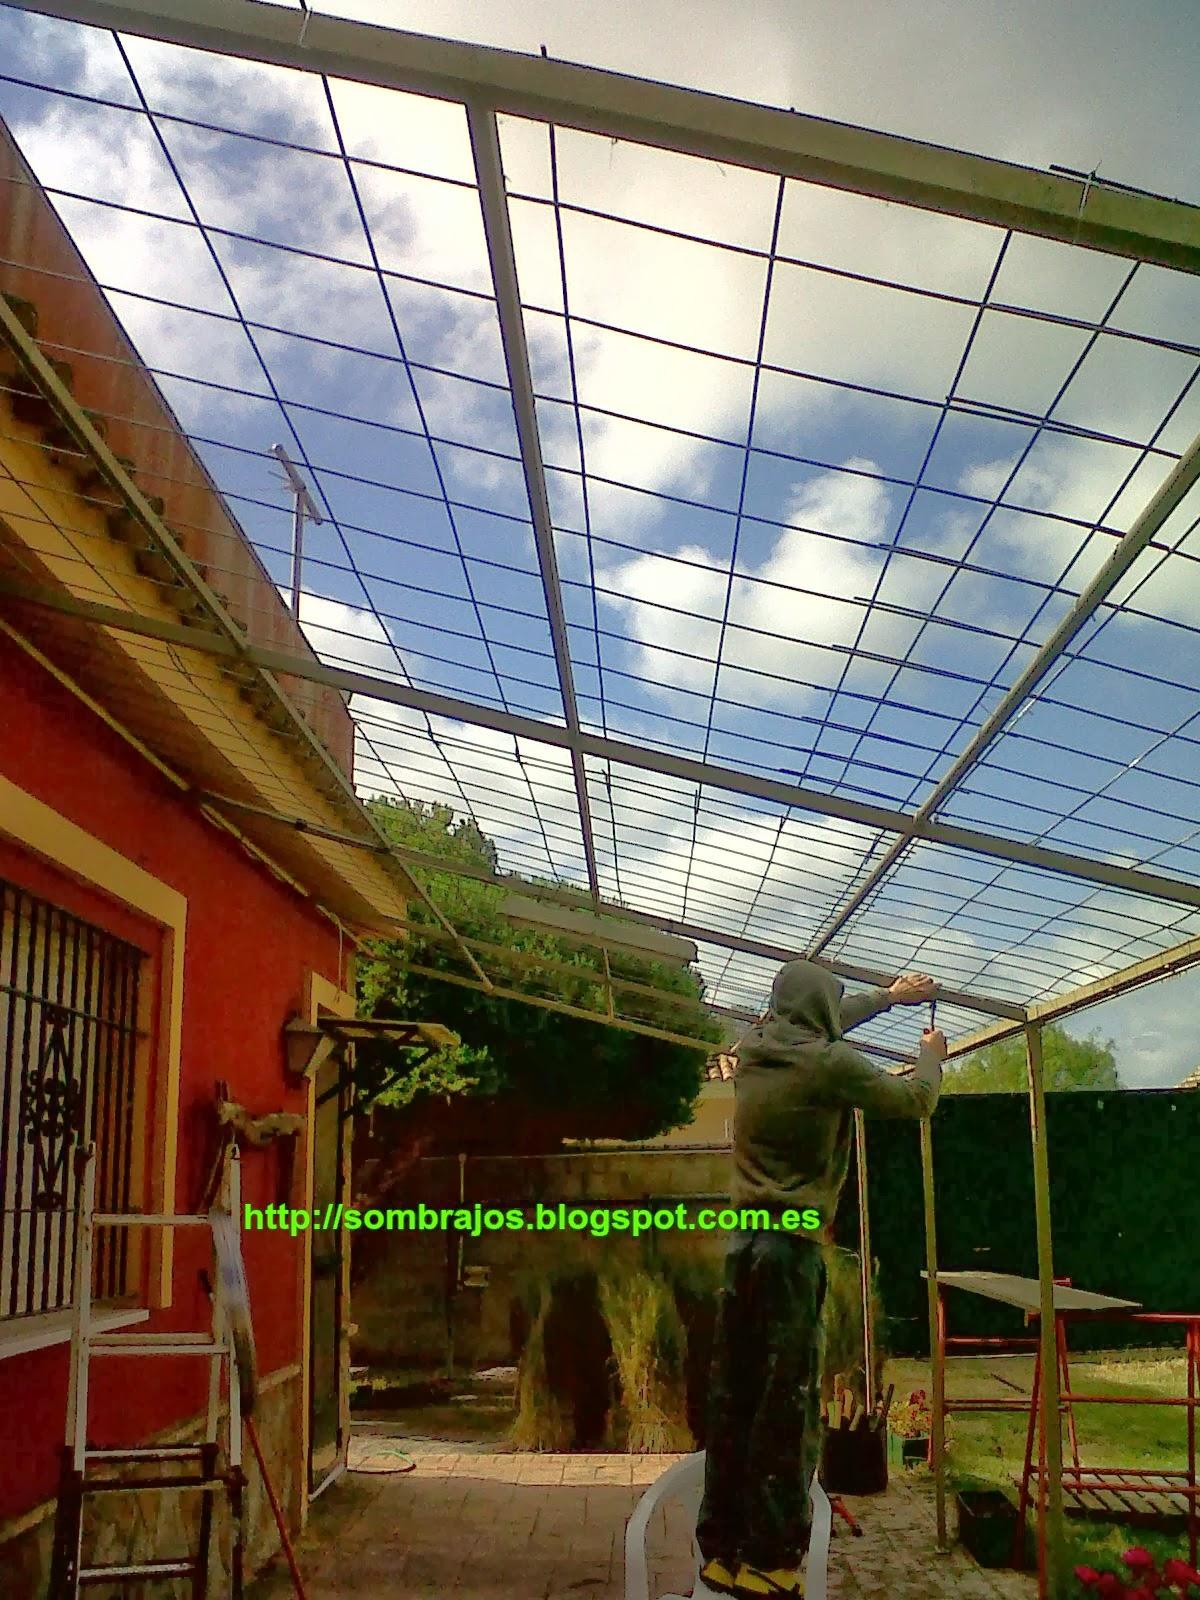 nuestro trabajo consisti en realizar solo la cubierta vegetal y el refuerzo de la estructura metlica - Pergola Metalica